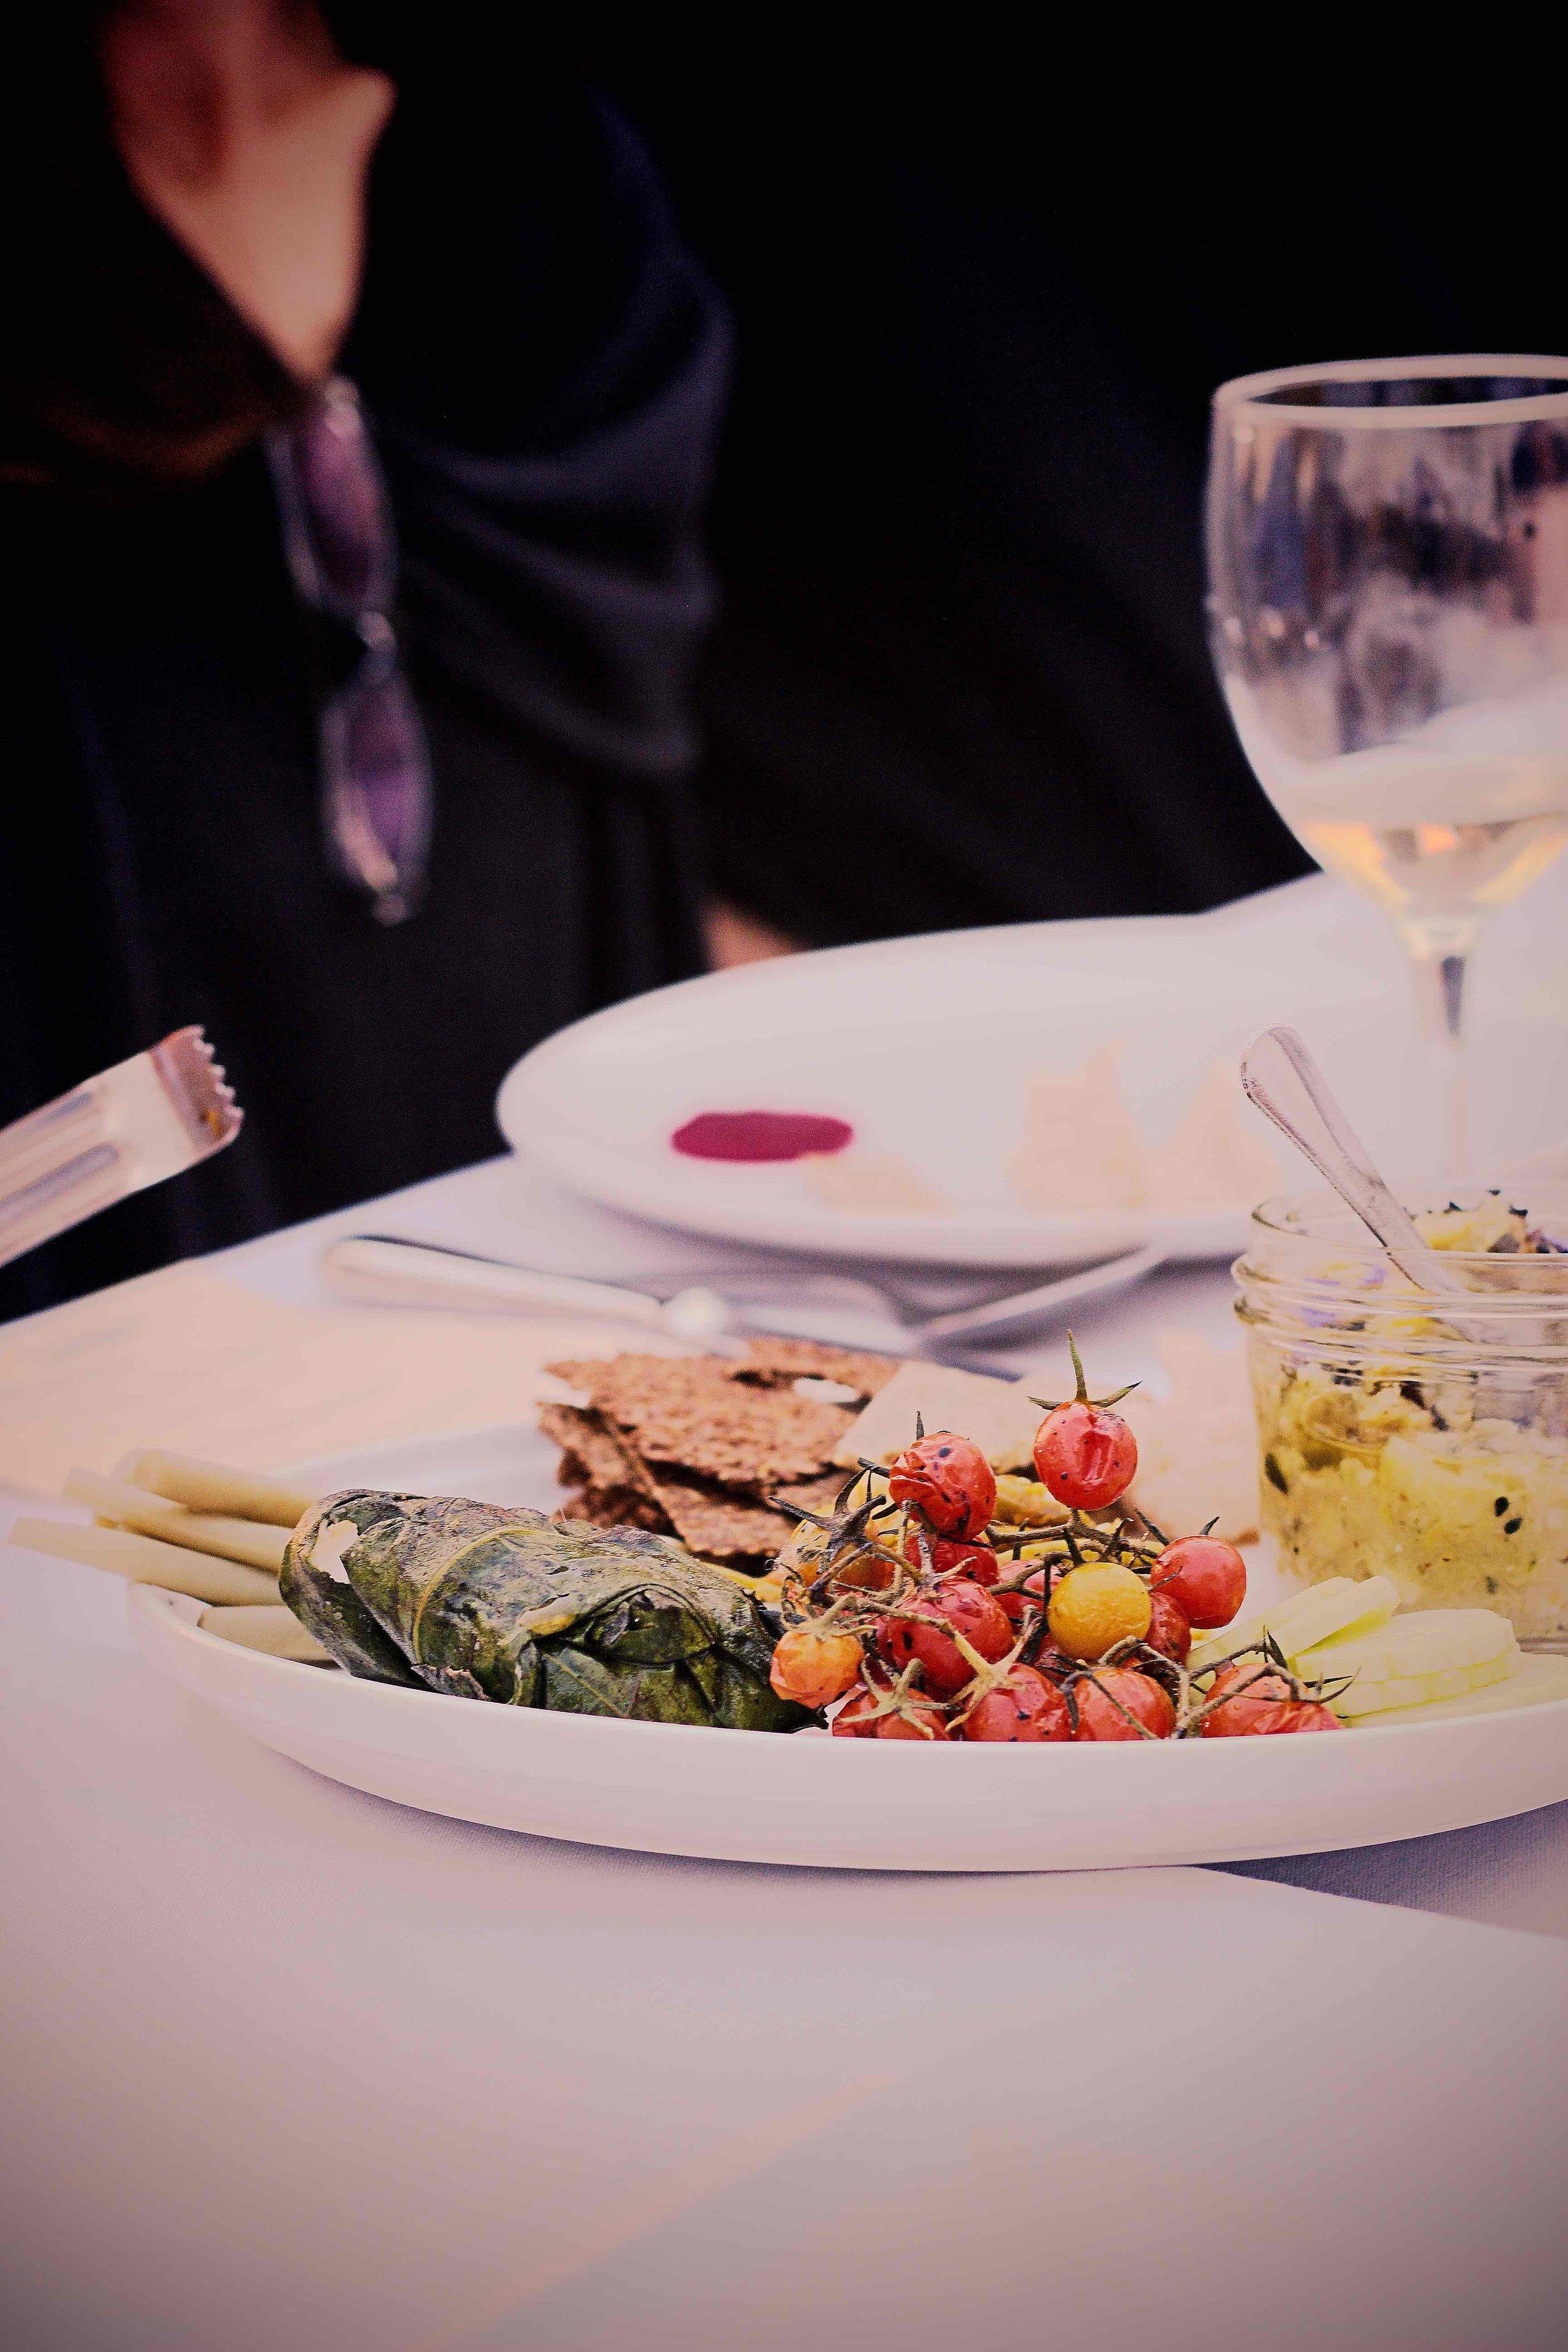 IMG_3798x Our Table_xx.jpg